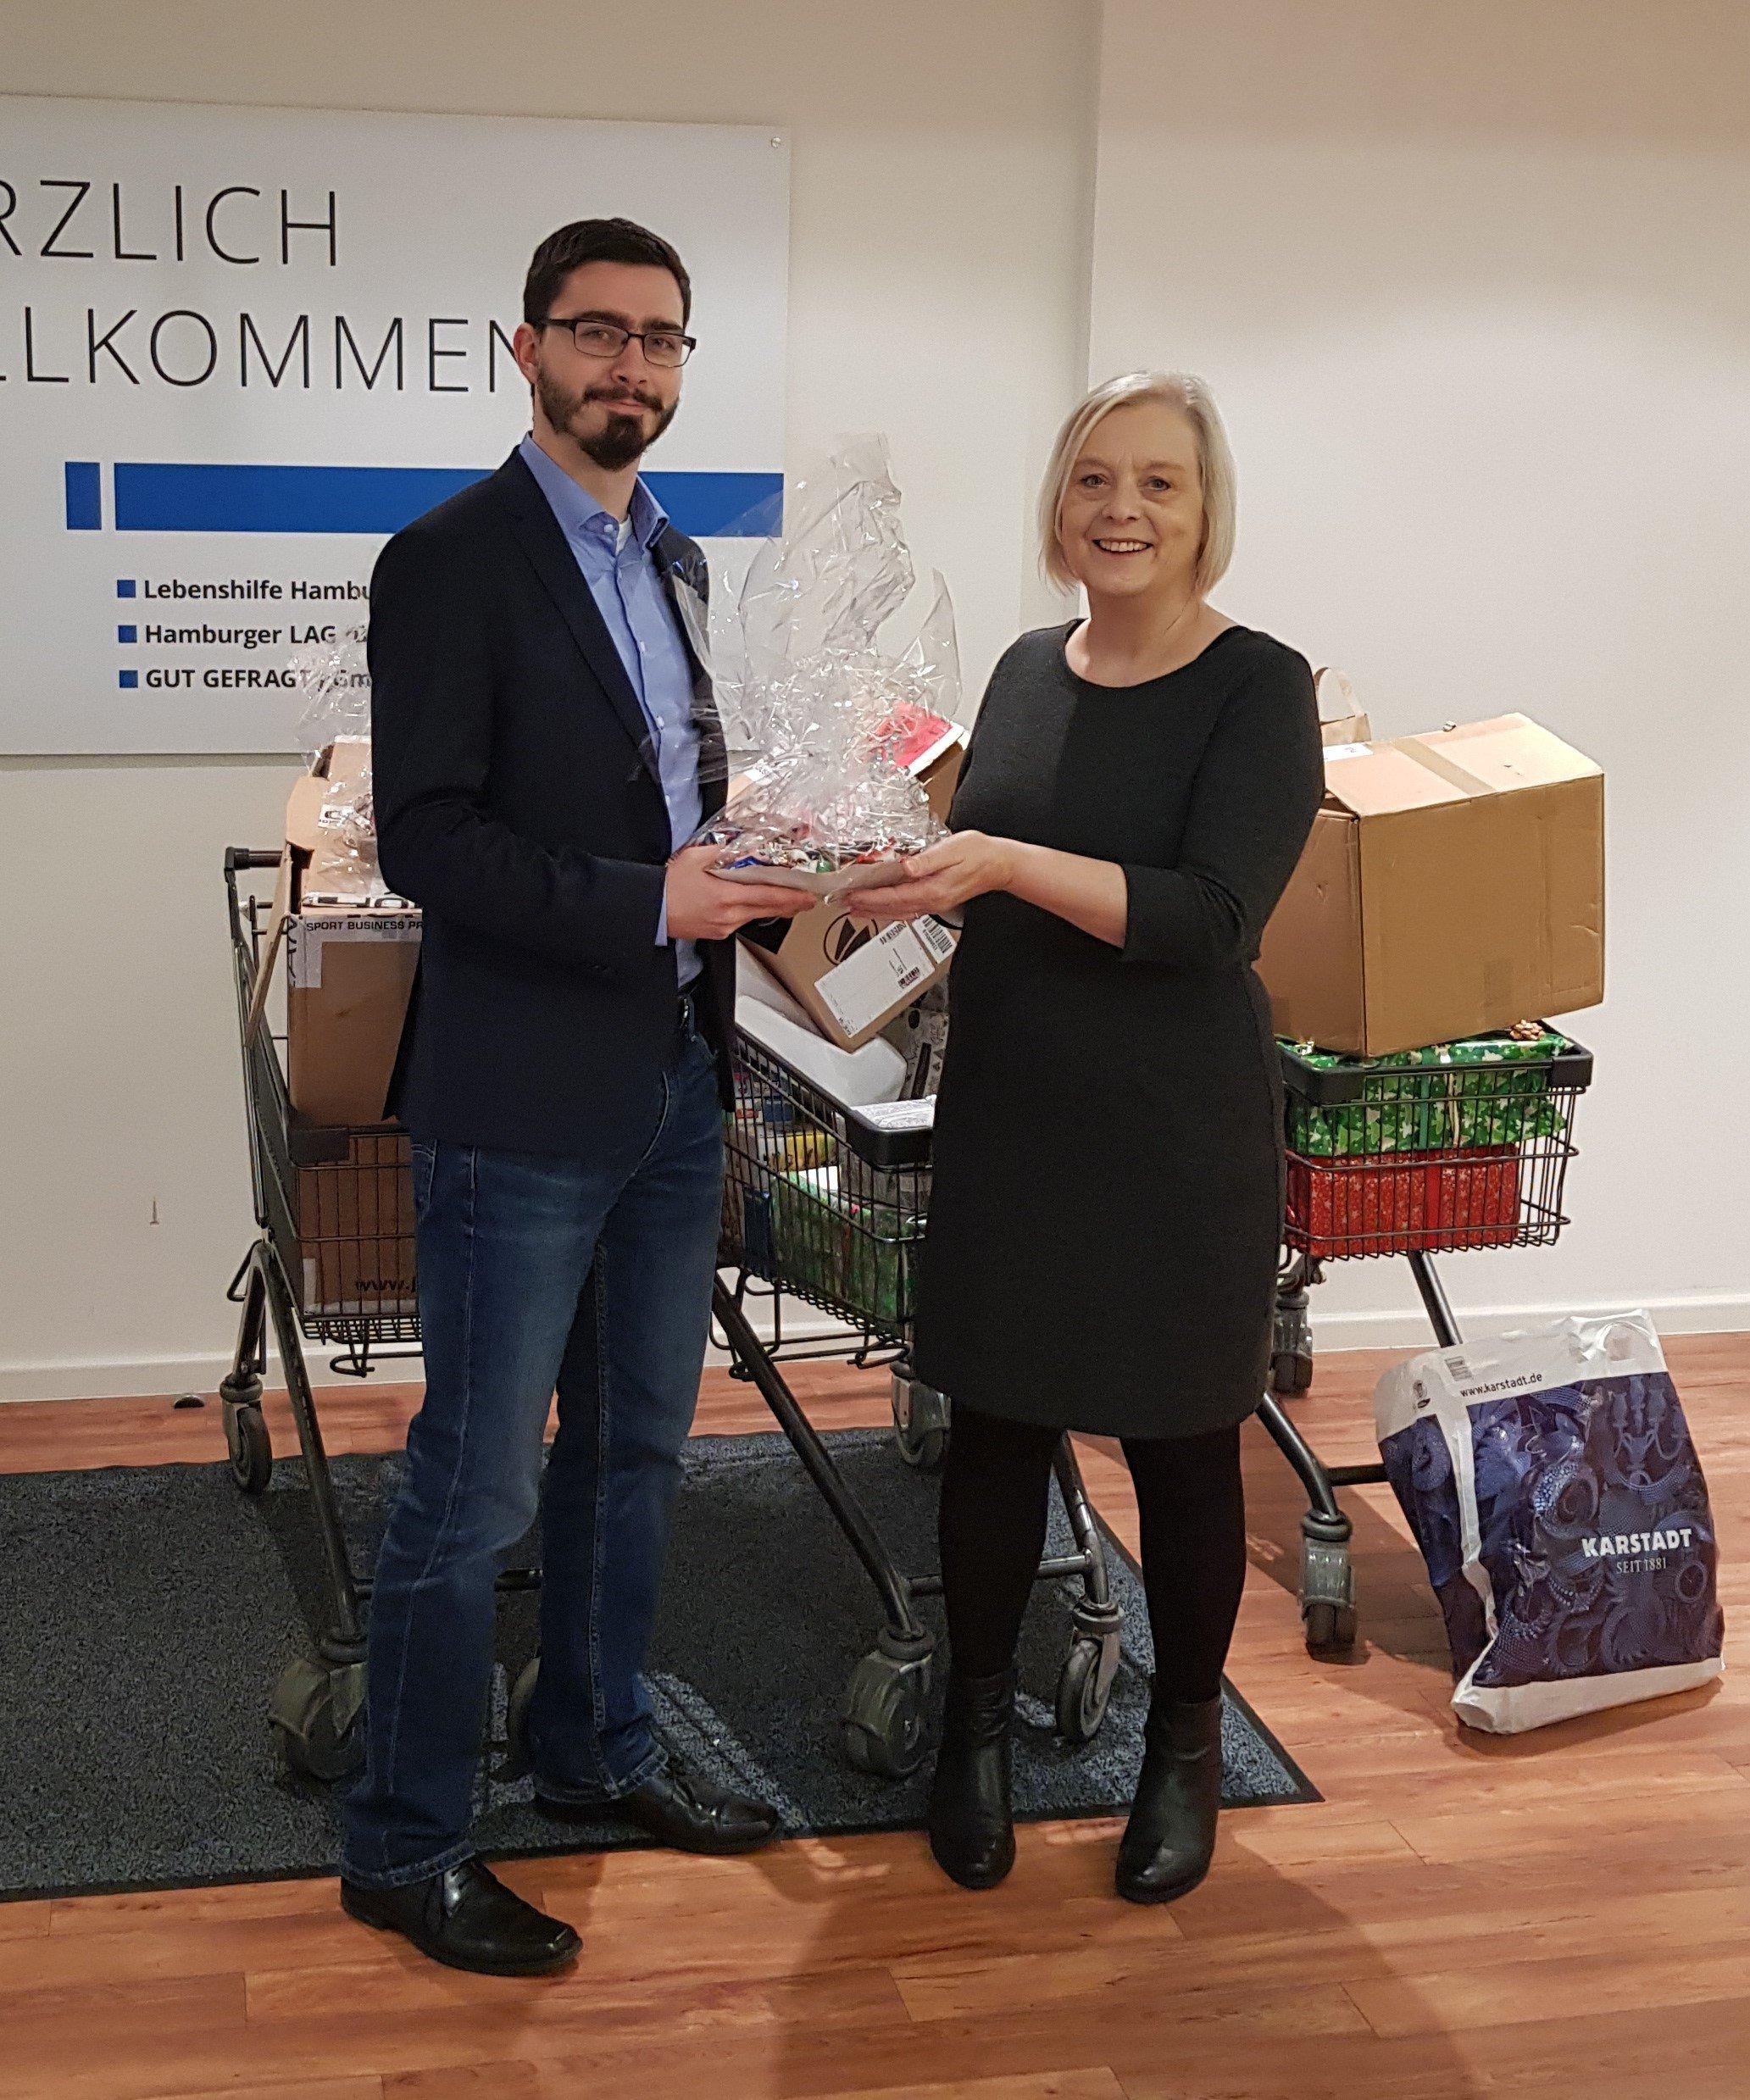 Helga Schacht und Student der Bundeswehr Uni bei Geschenkübergabe